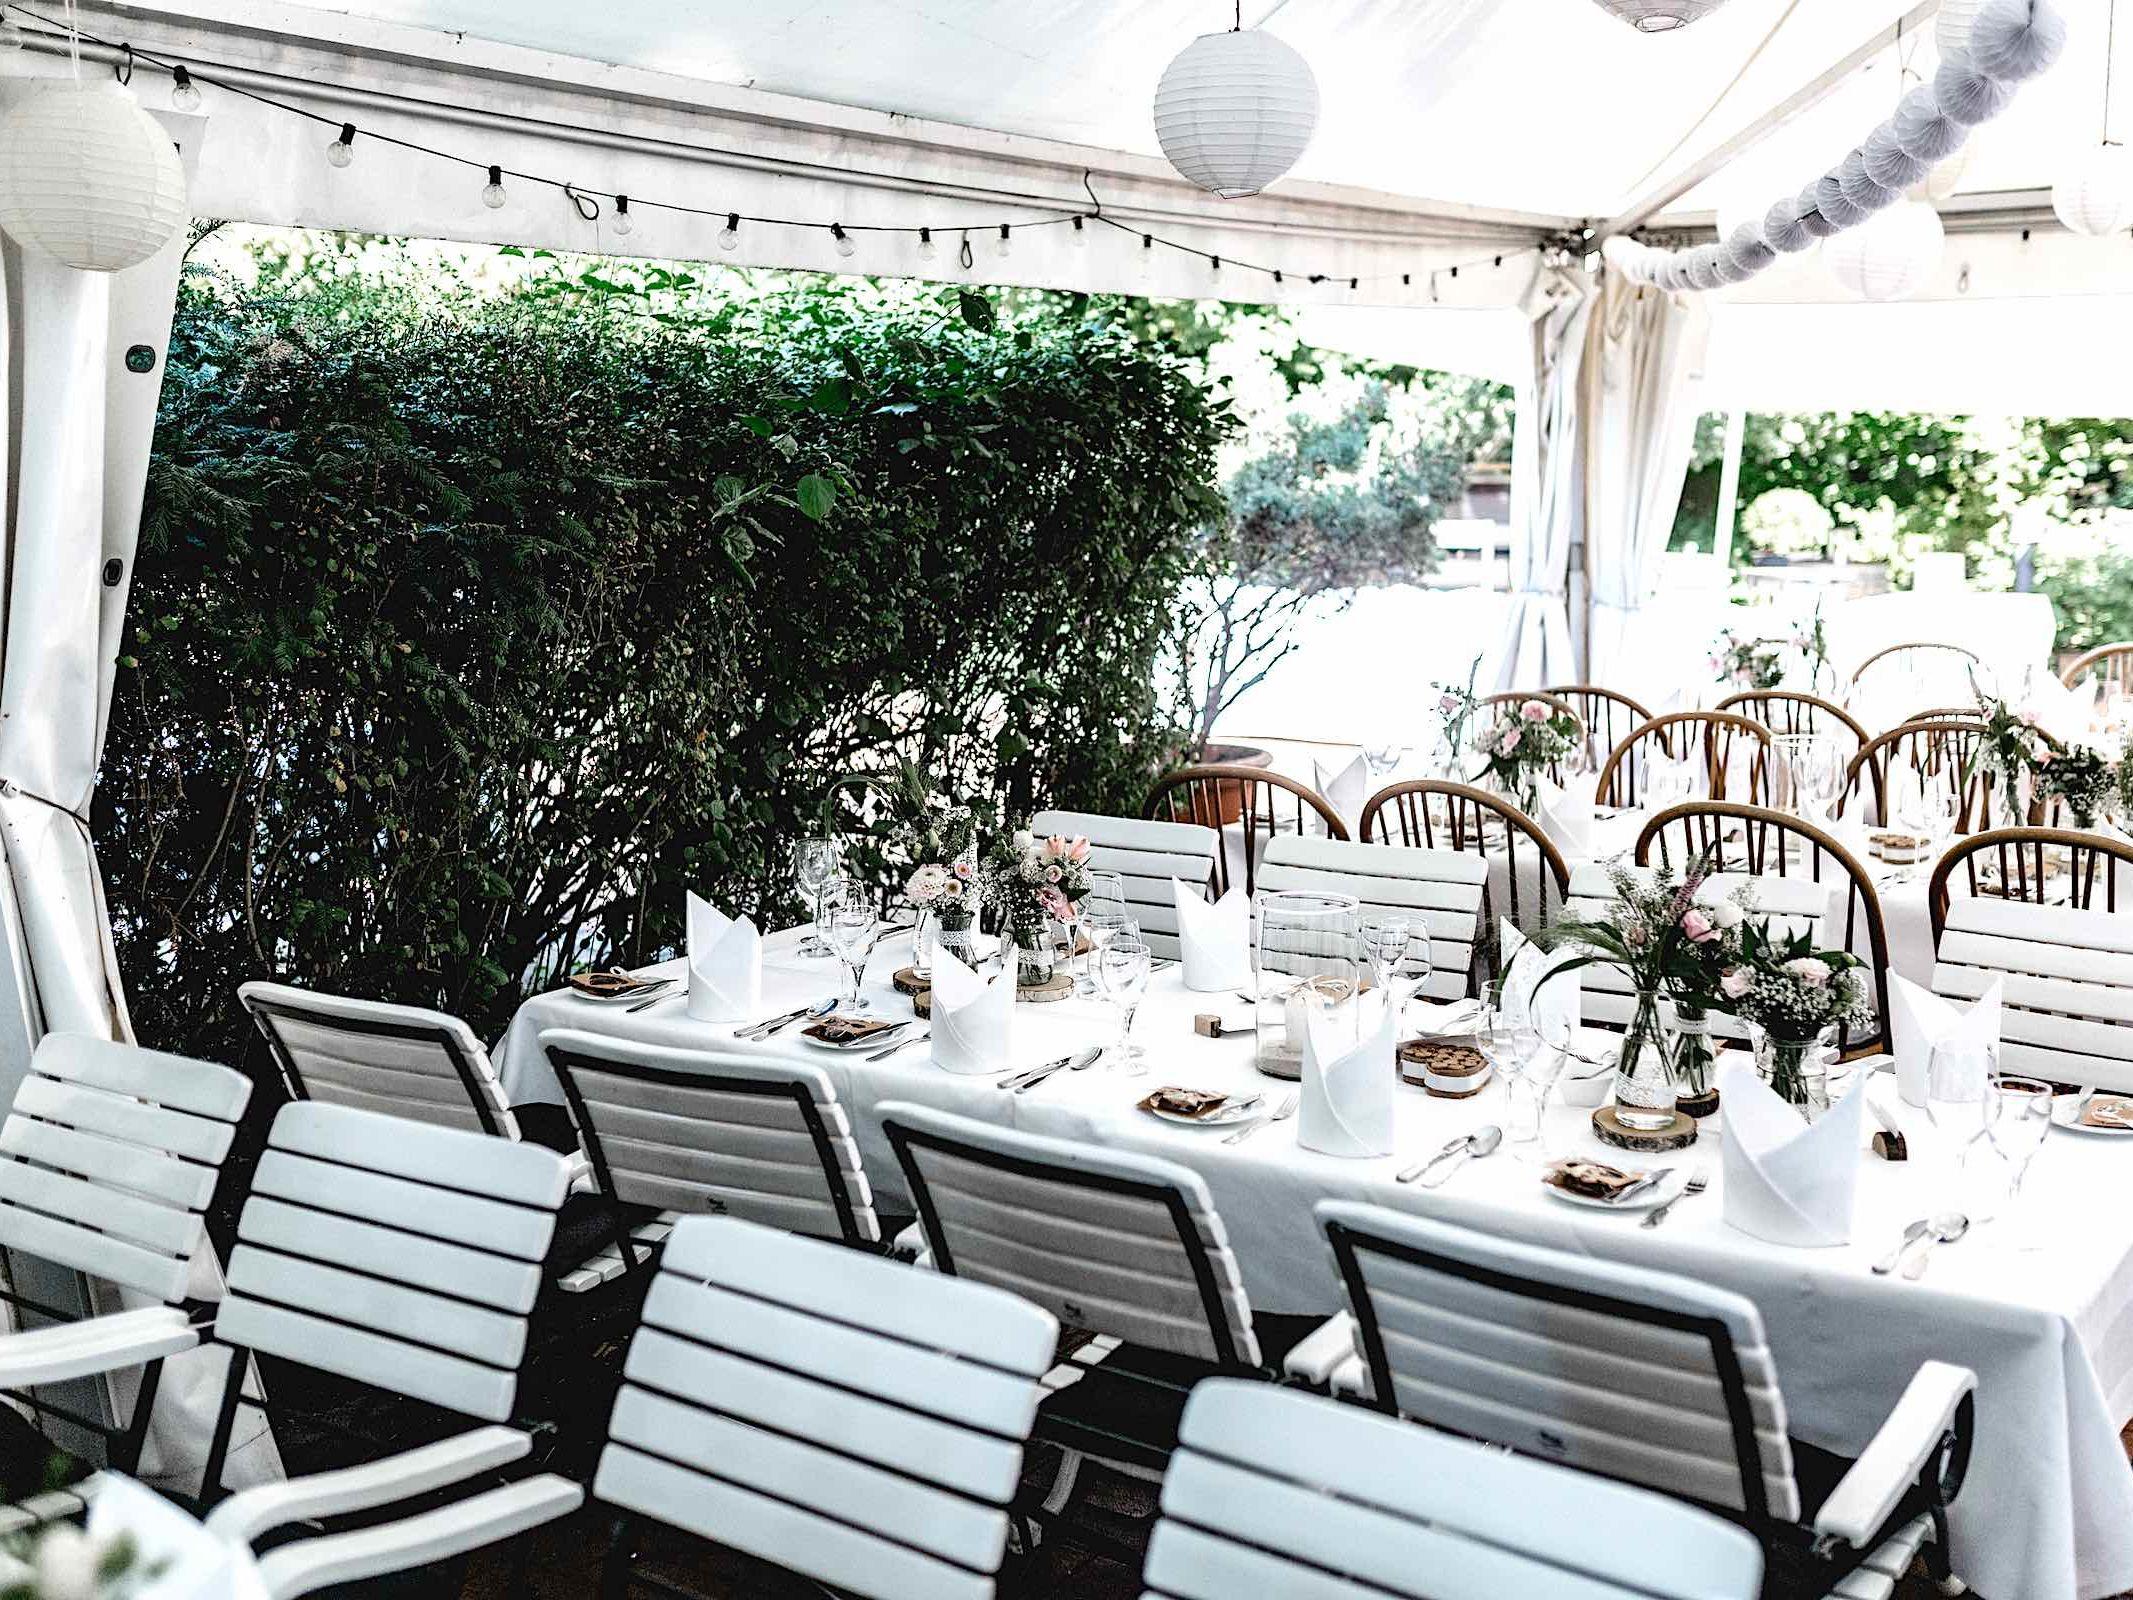 Berggasthaus | Niedersachsen | Hochzeit | Geburtstag | Firmenfeier | Feiern | Locations | DJ | Hochzeit | Fotograf | DJ | Eröffnungstanz | Hochzeitsplanung | Hochzeitsplaner | Referenz | Lehmann | Eventservice